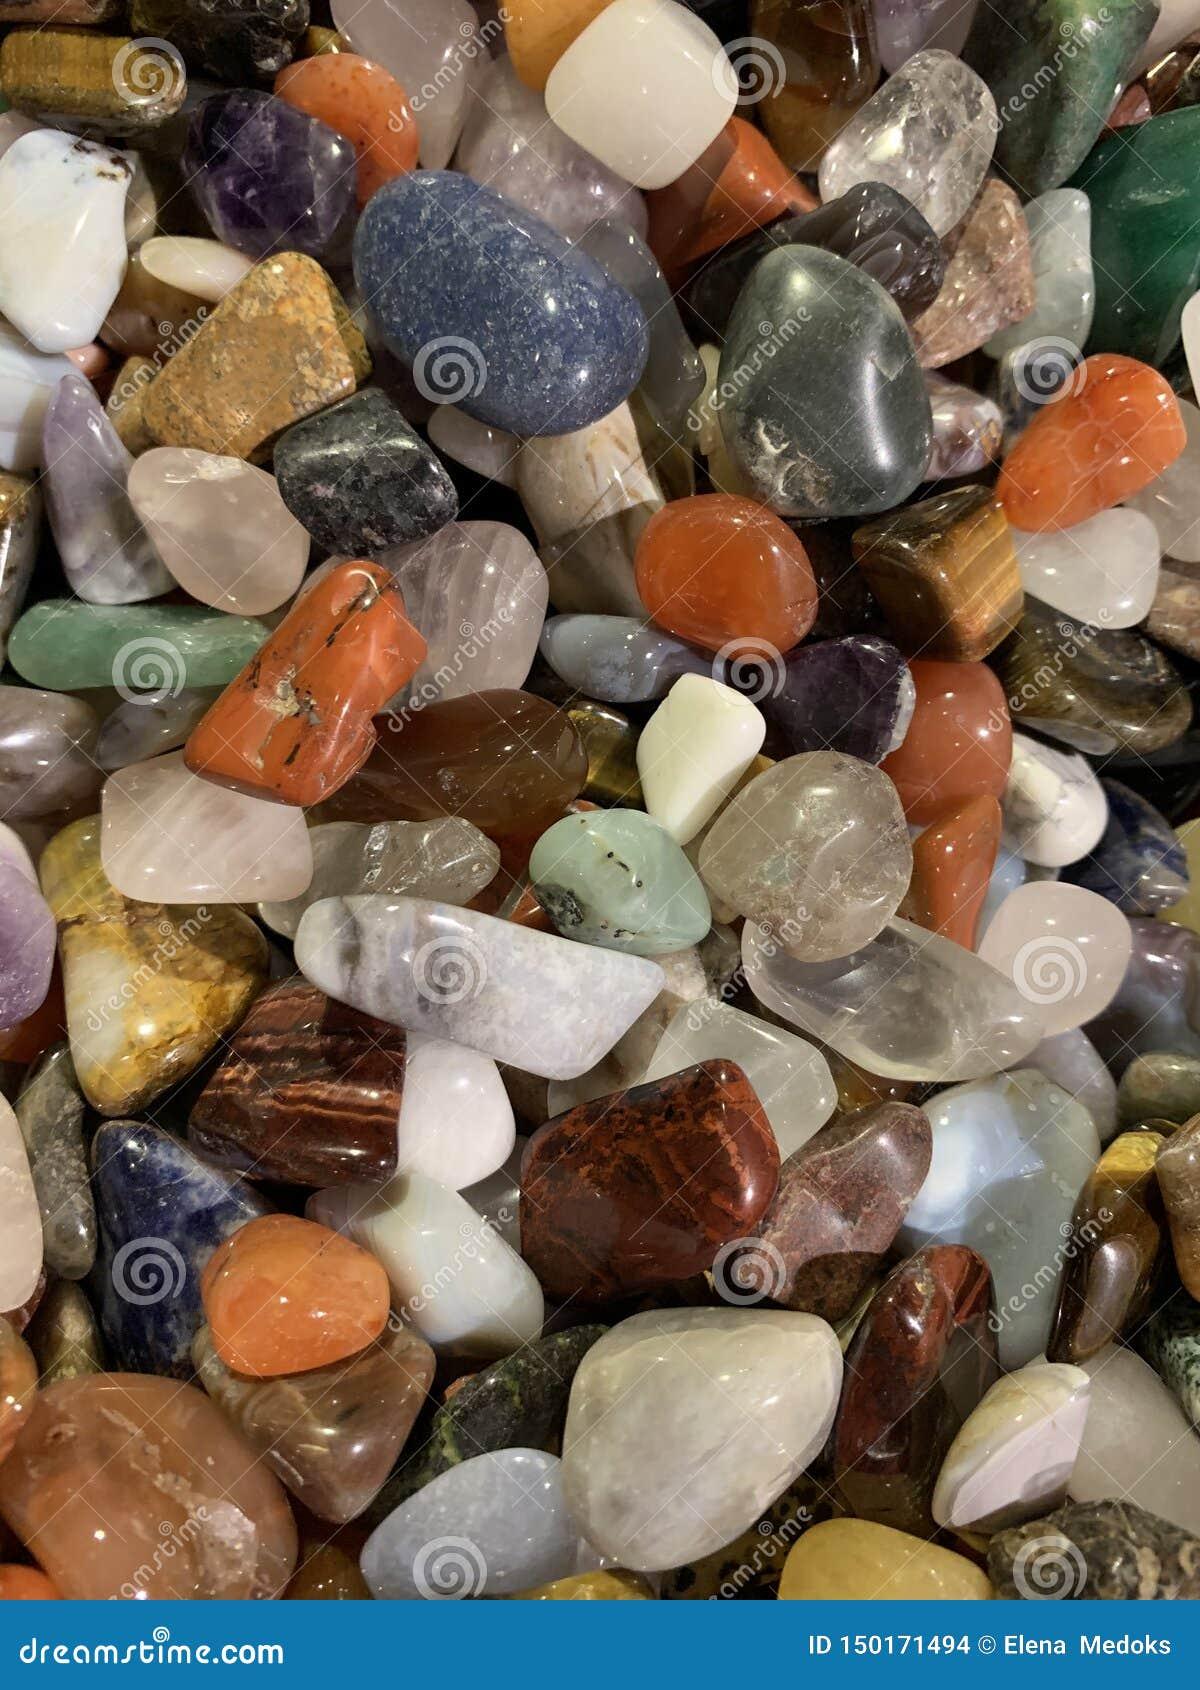 各种各样的多彩多姿的宝石 老虎的眼睛,紫晶,蔷薇石英,aventurine,翡翠,黄玉,黑蛋白石,月长石 ??